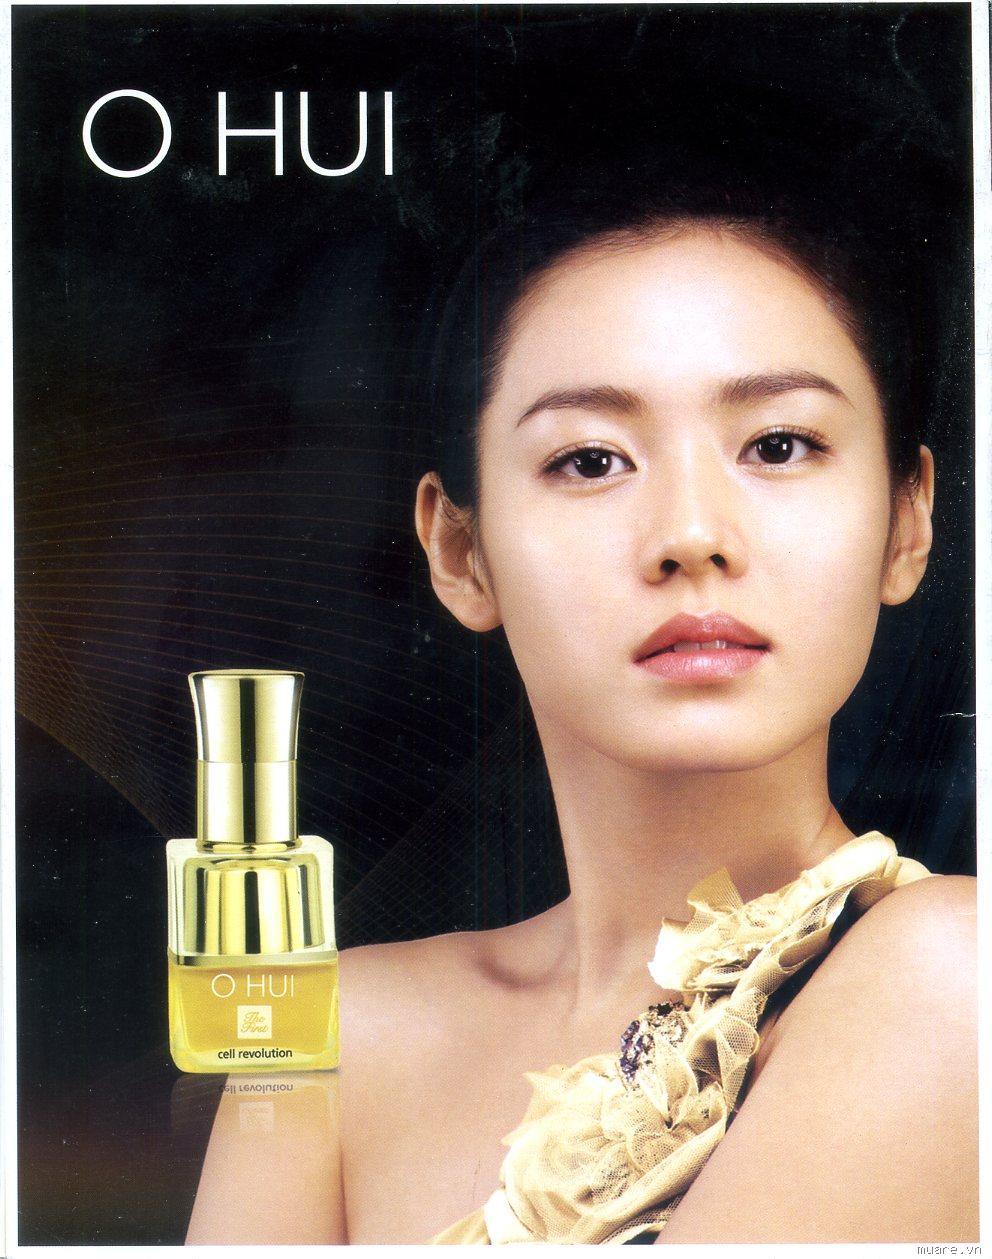 Mỹ phẩm Ohui Hàn Quốc bán buôn tại Abu.vn